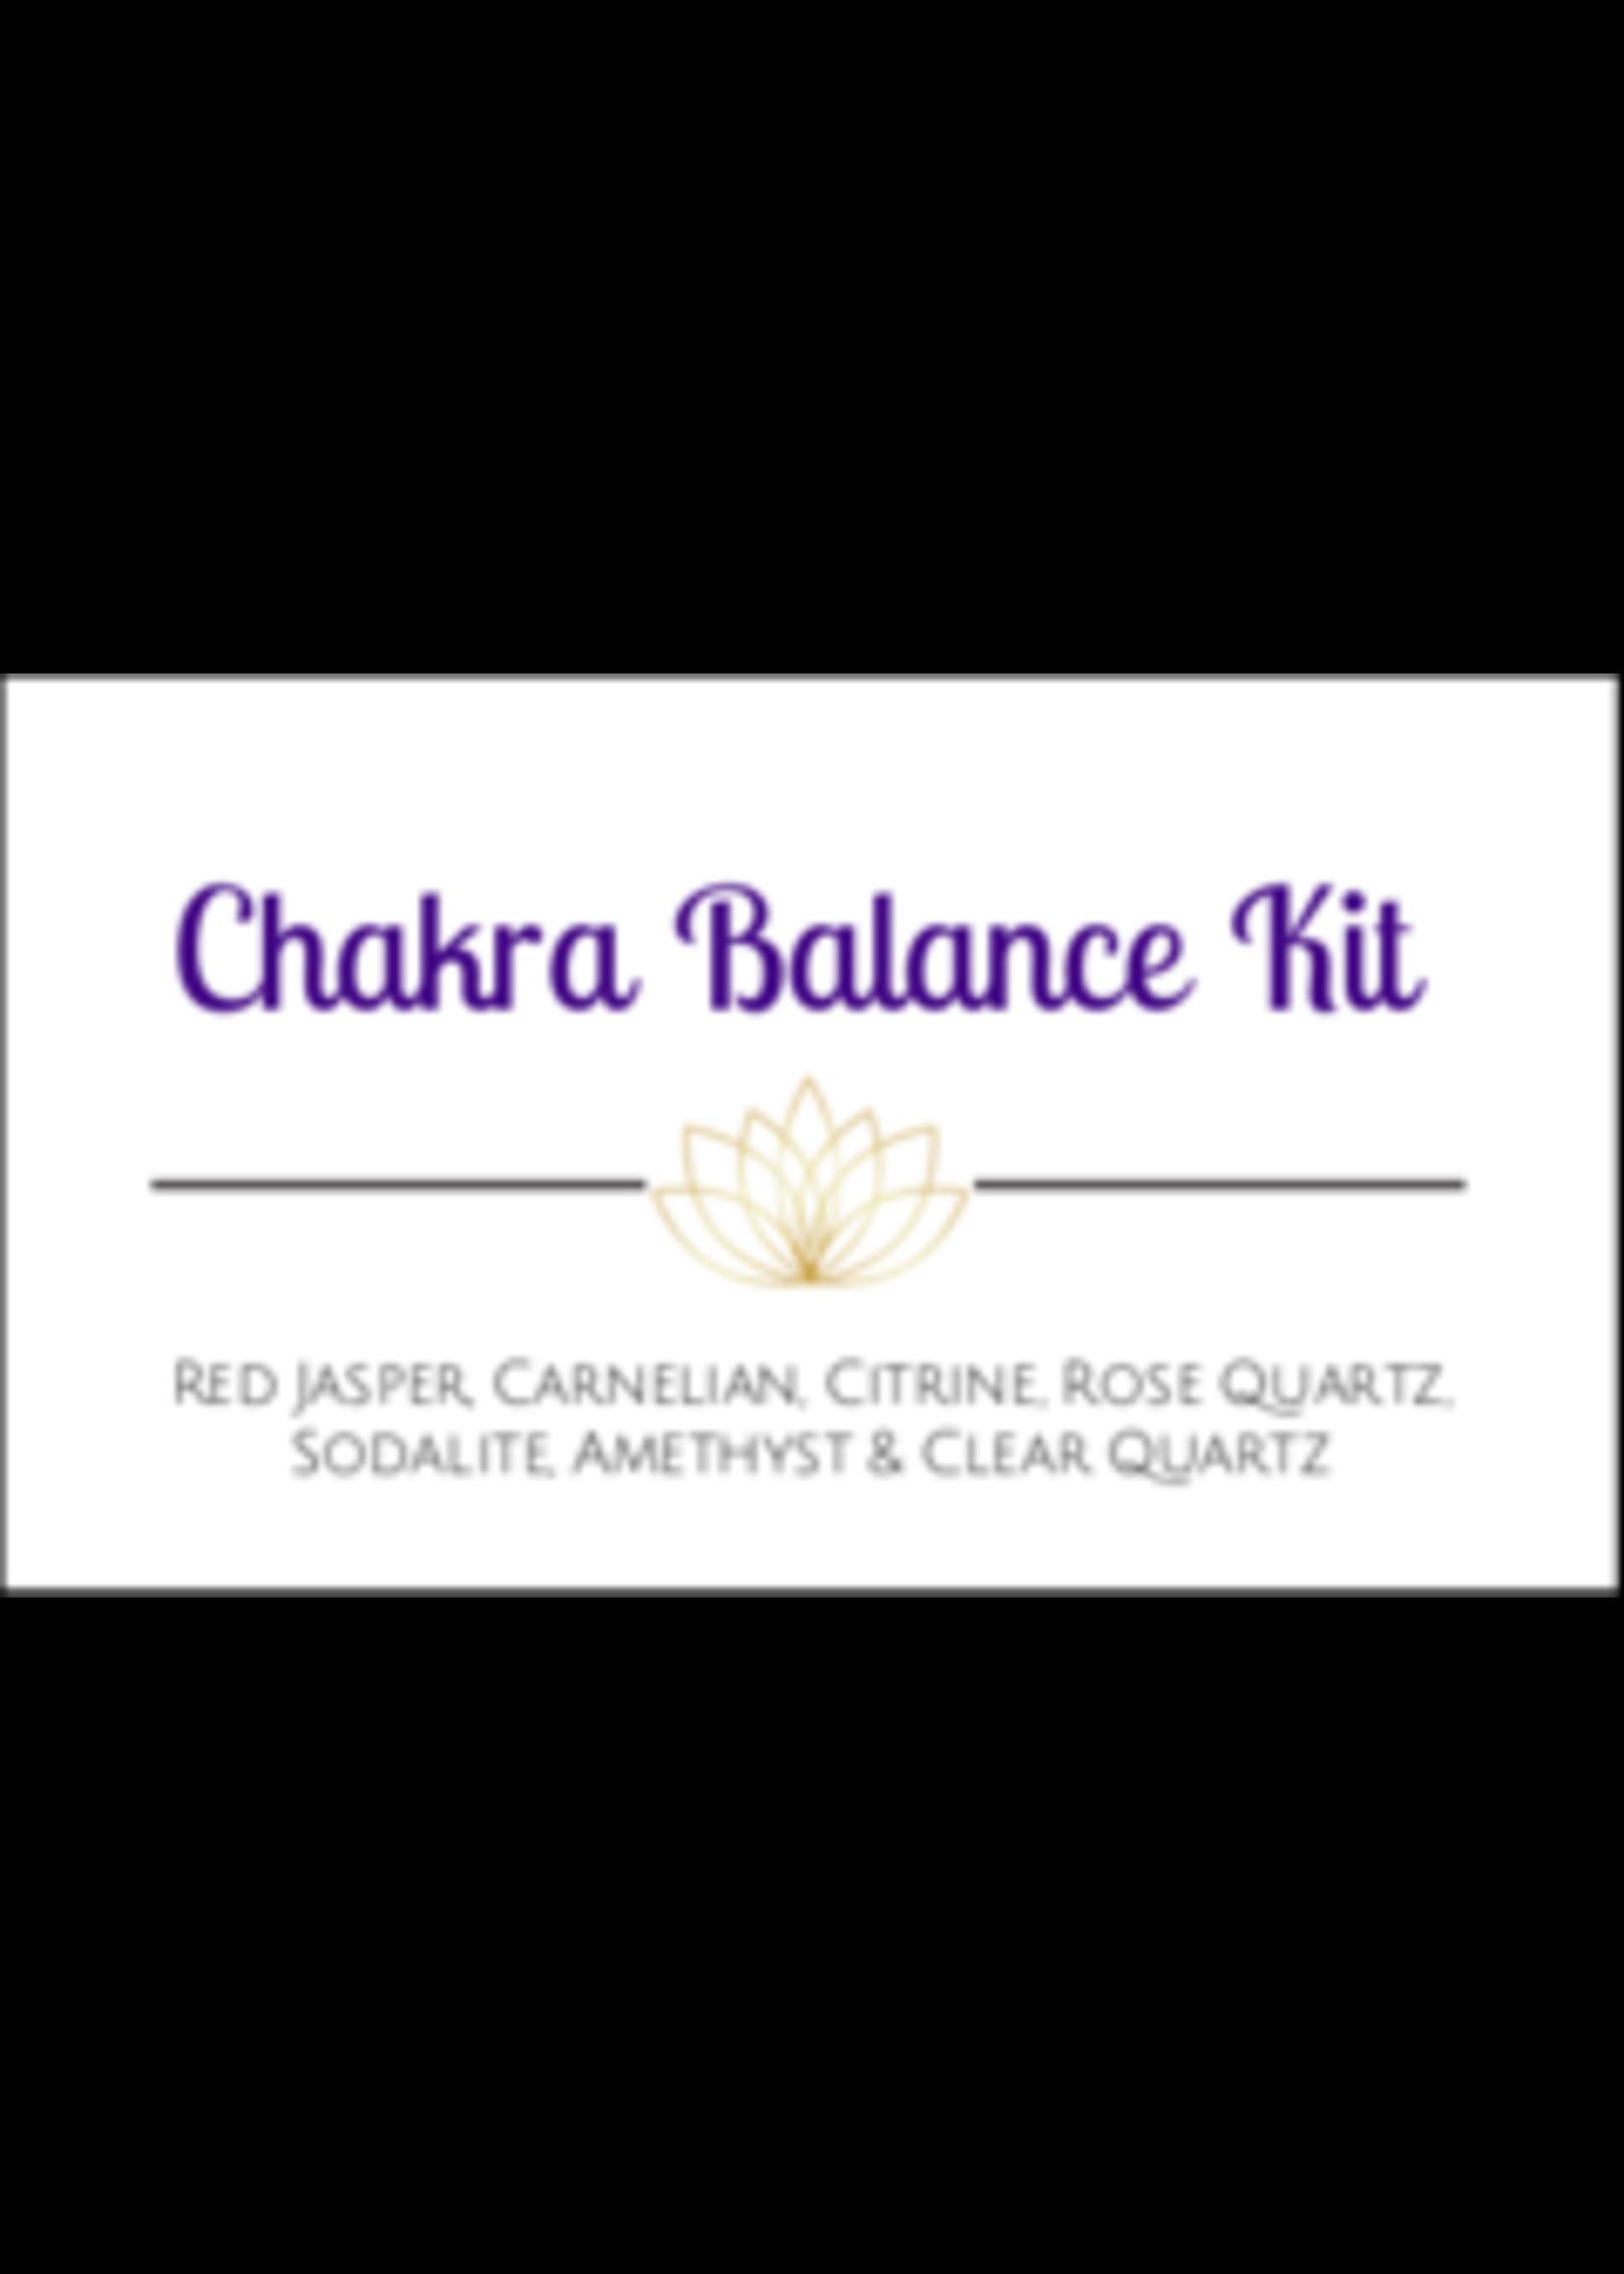 Chakra Balance Crystal Kit Cards - Box of 100